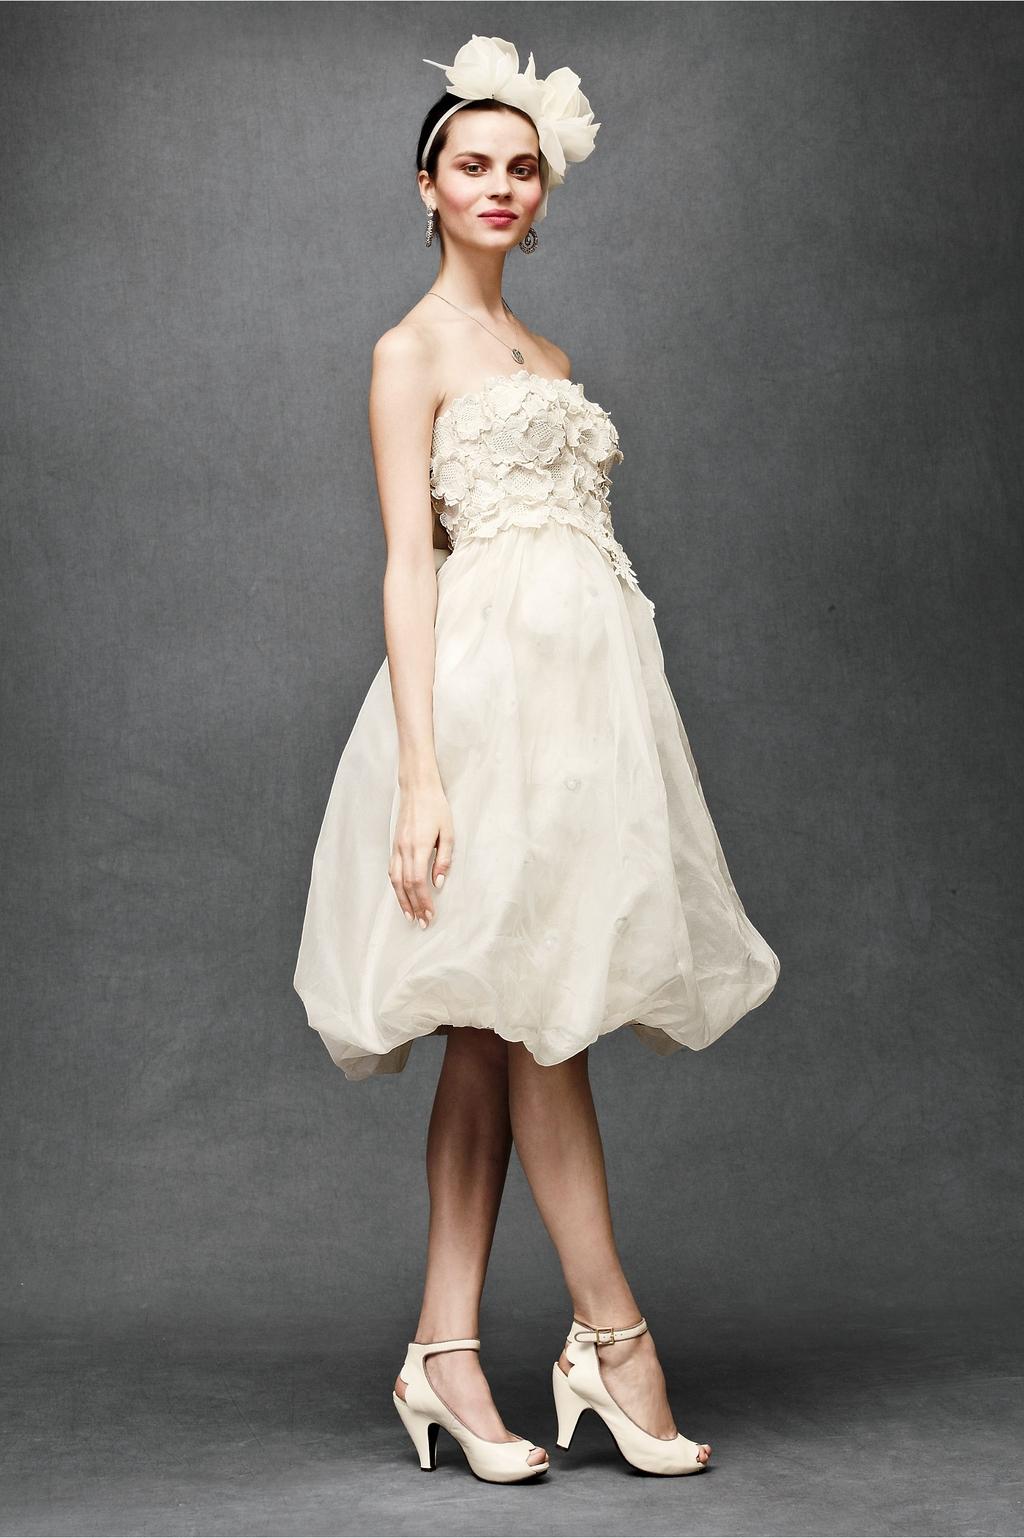 Floral-artwork-wedding-dress-2011-bhldn-knee-length-strapless.full